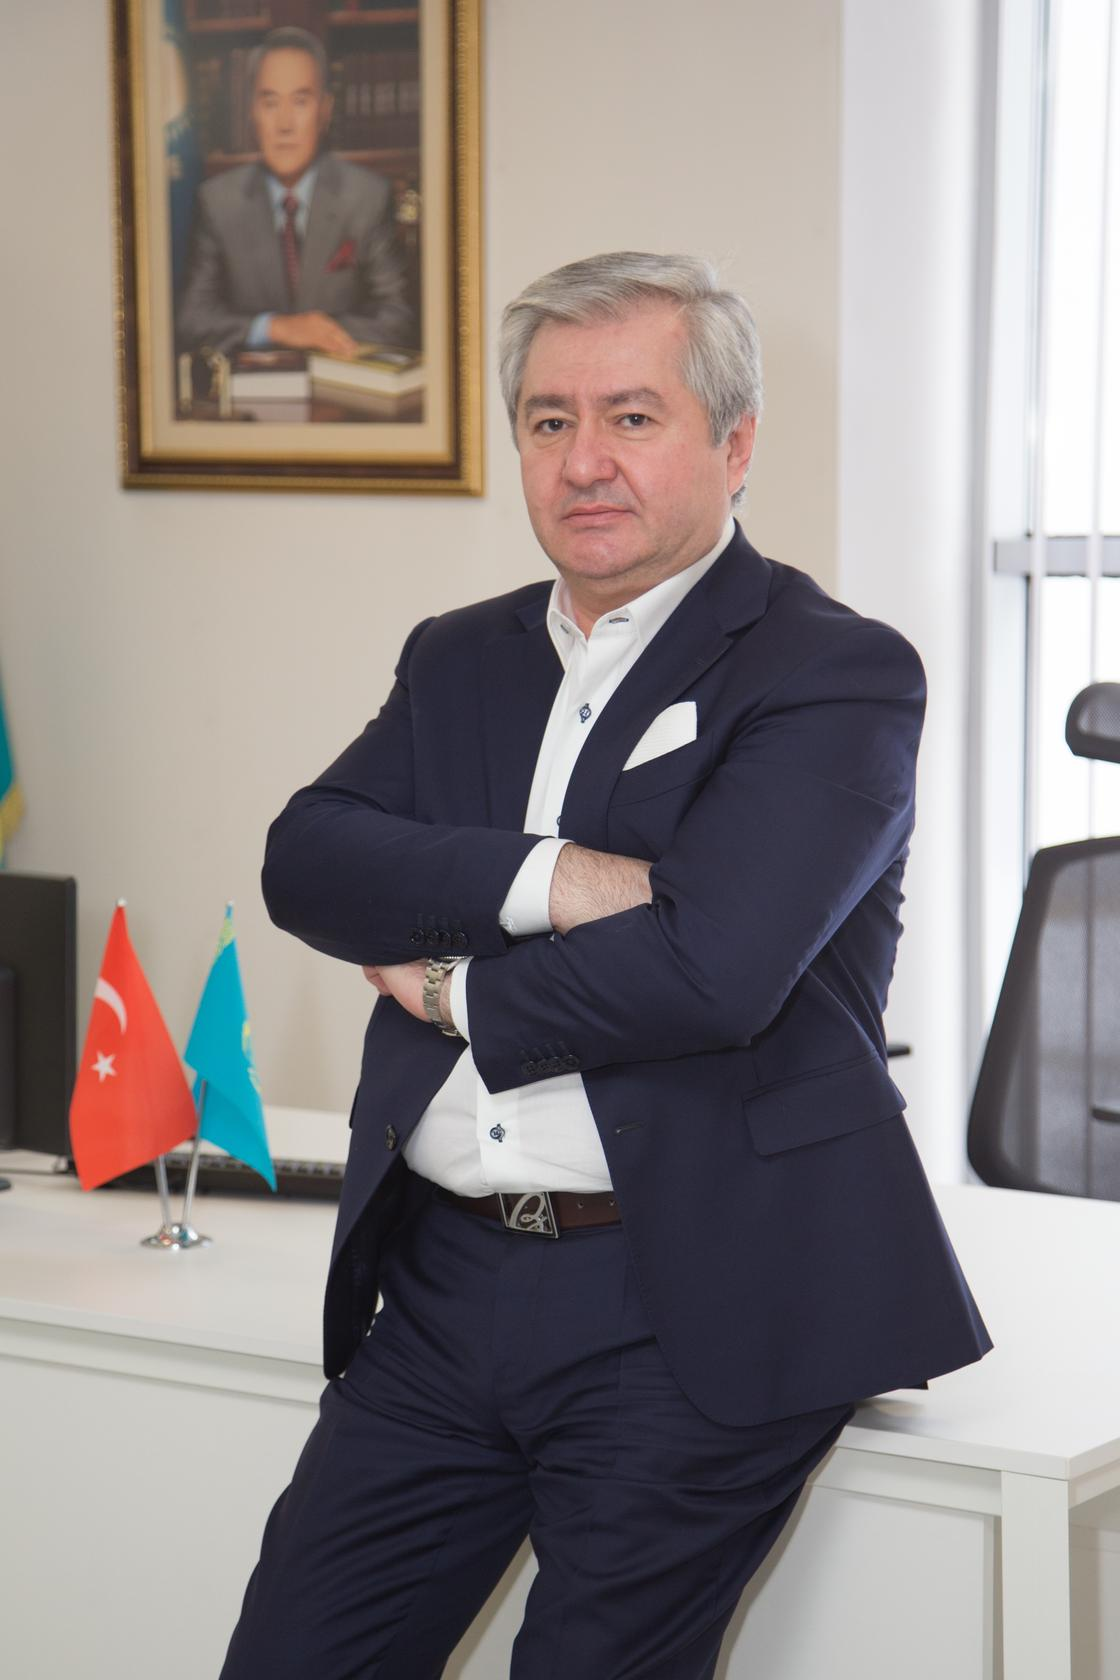 Зиятхан Гасанов: «Фармацевтическая отрасль только встает на ноги, и каждый сотрудник - на вес золота»